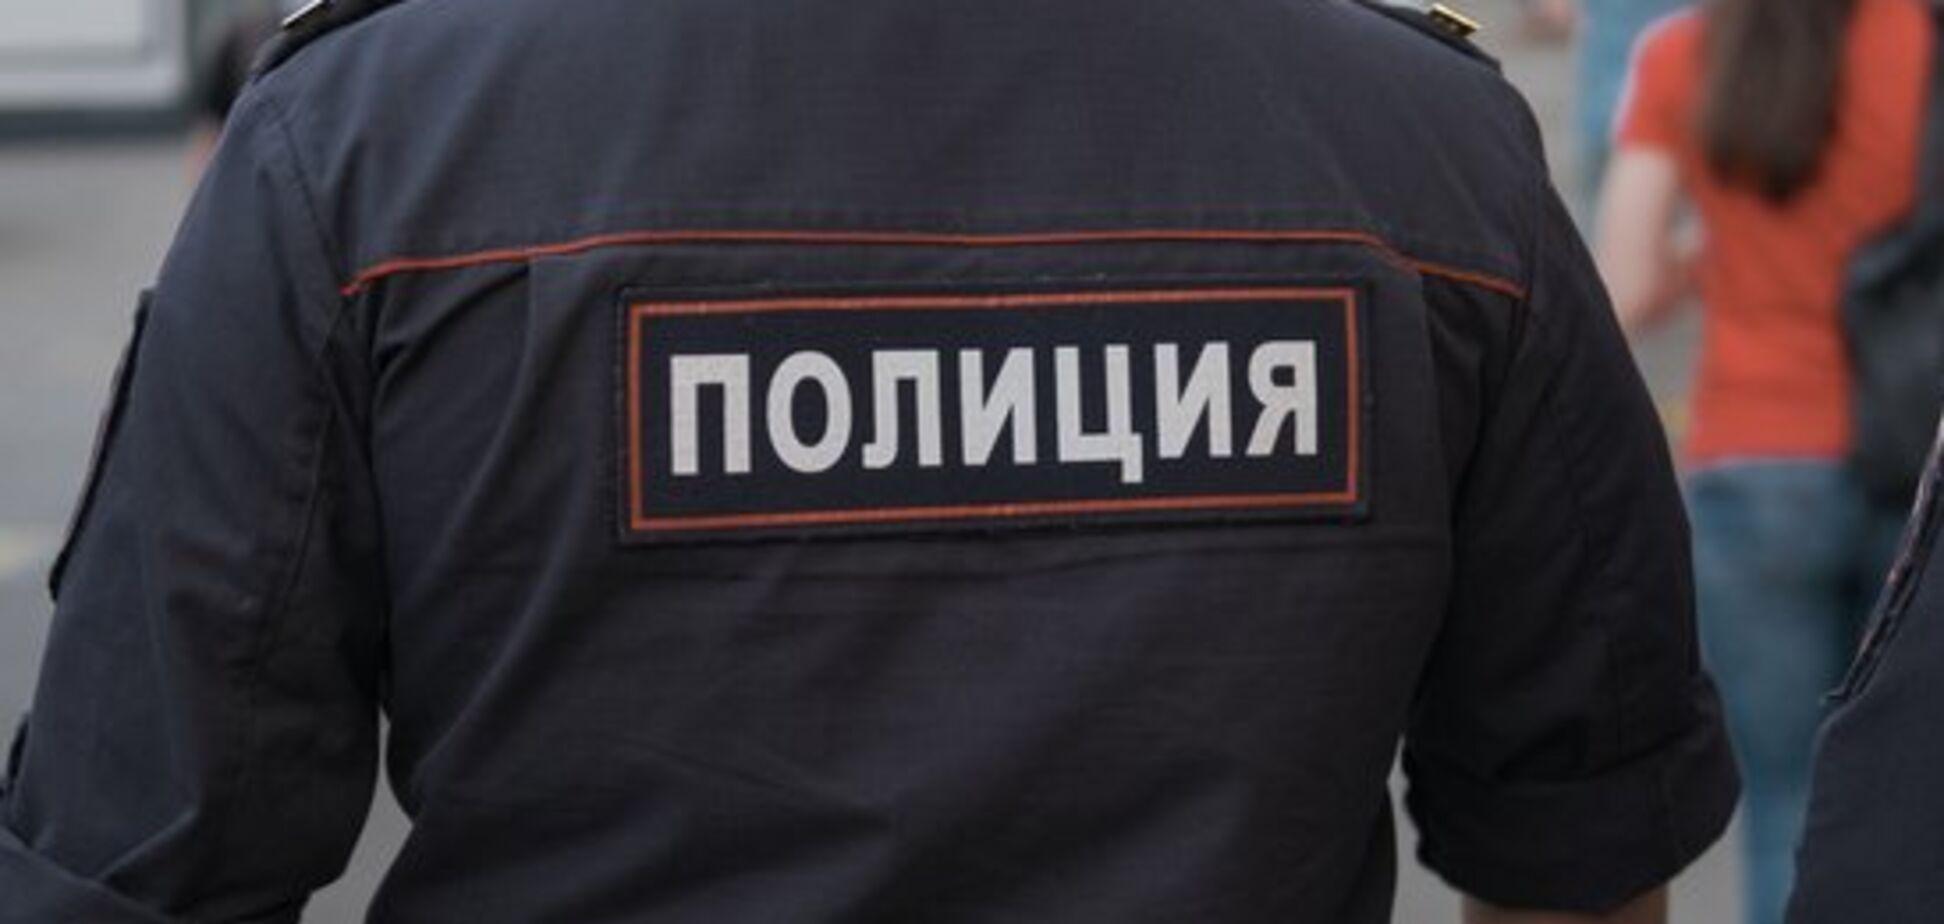 У Москві застрелили відомого спортсмена: усі подробиці